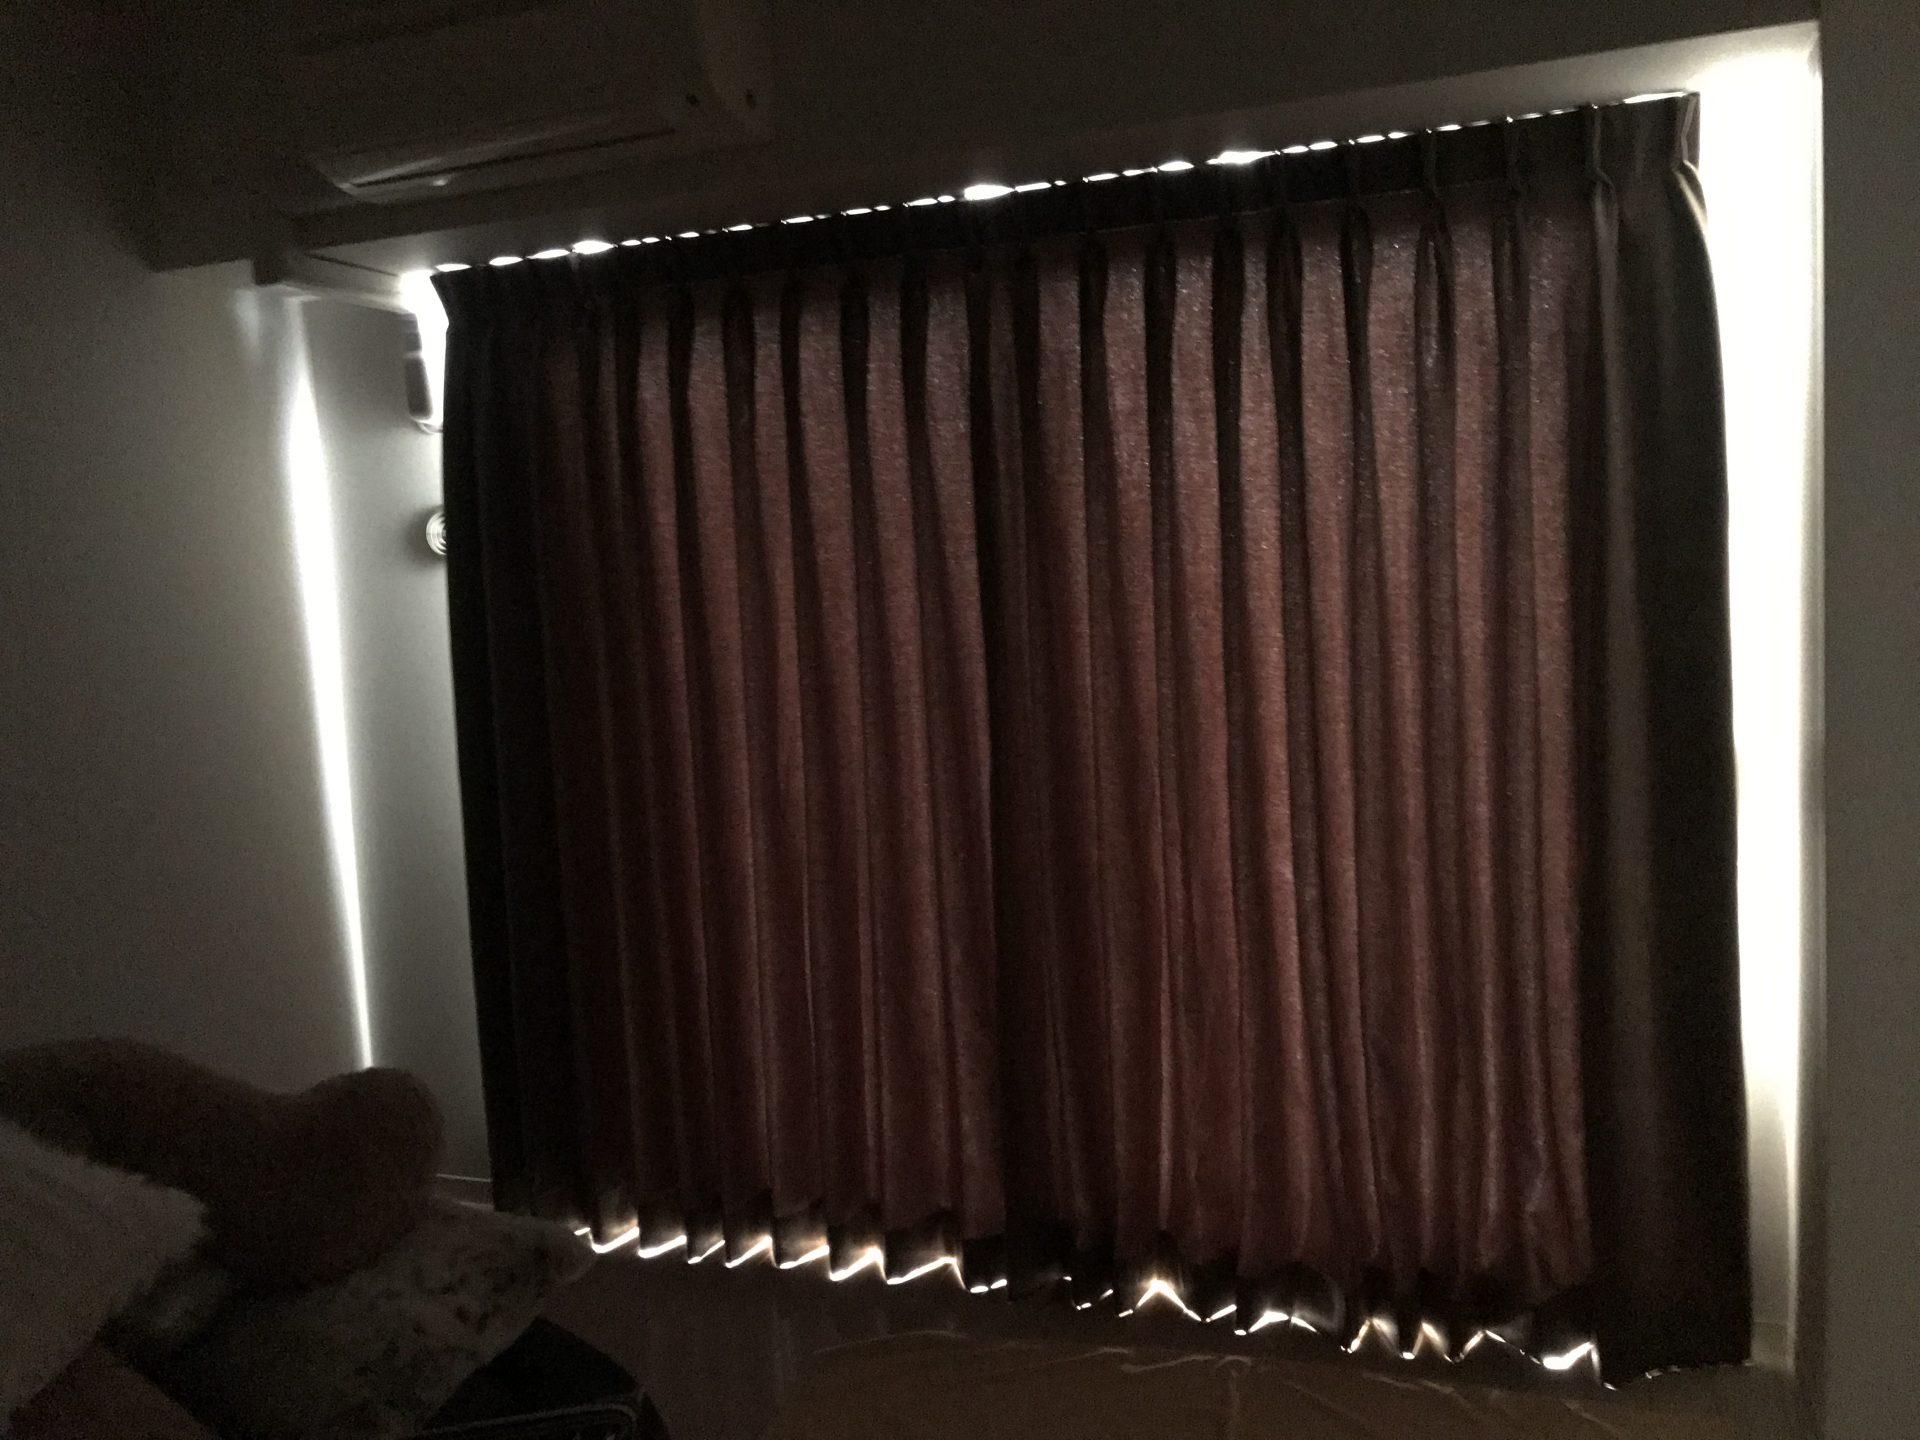 遮光カーテン1級Bの暗さ加減